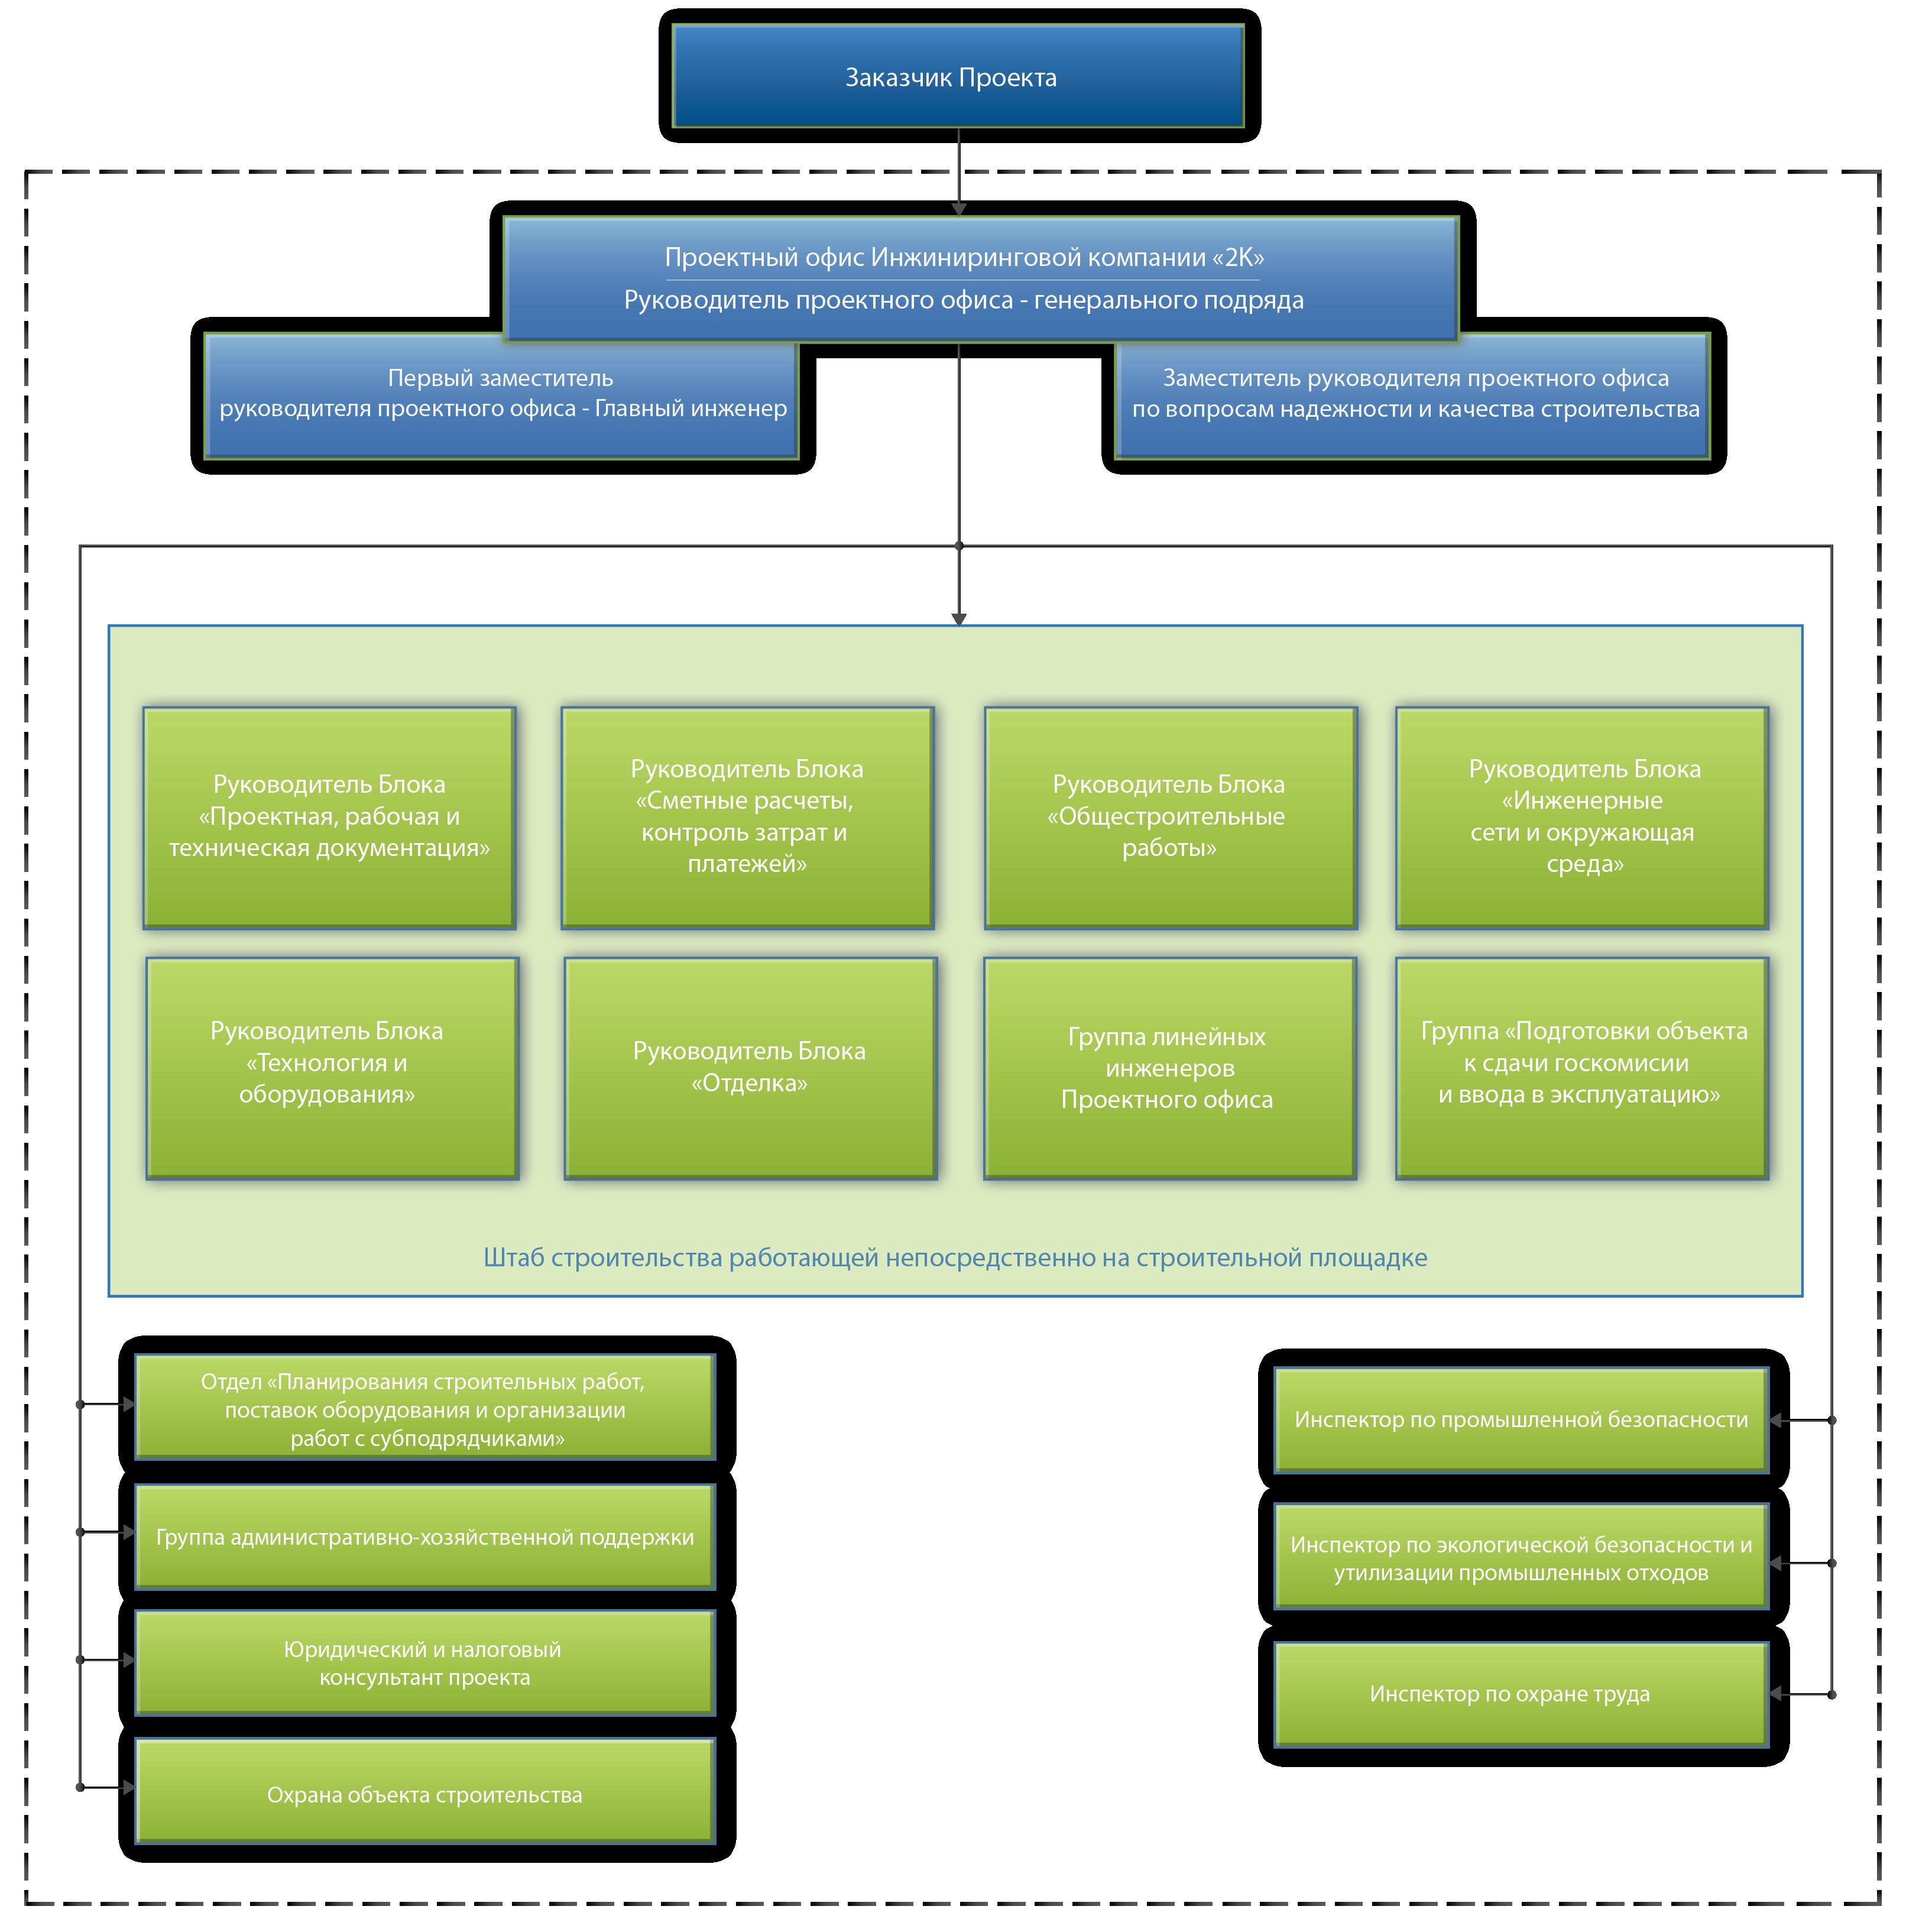 Структура управления строительной компанией схема